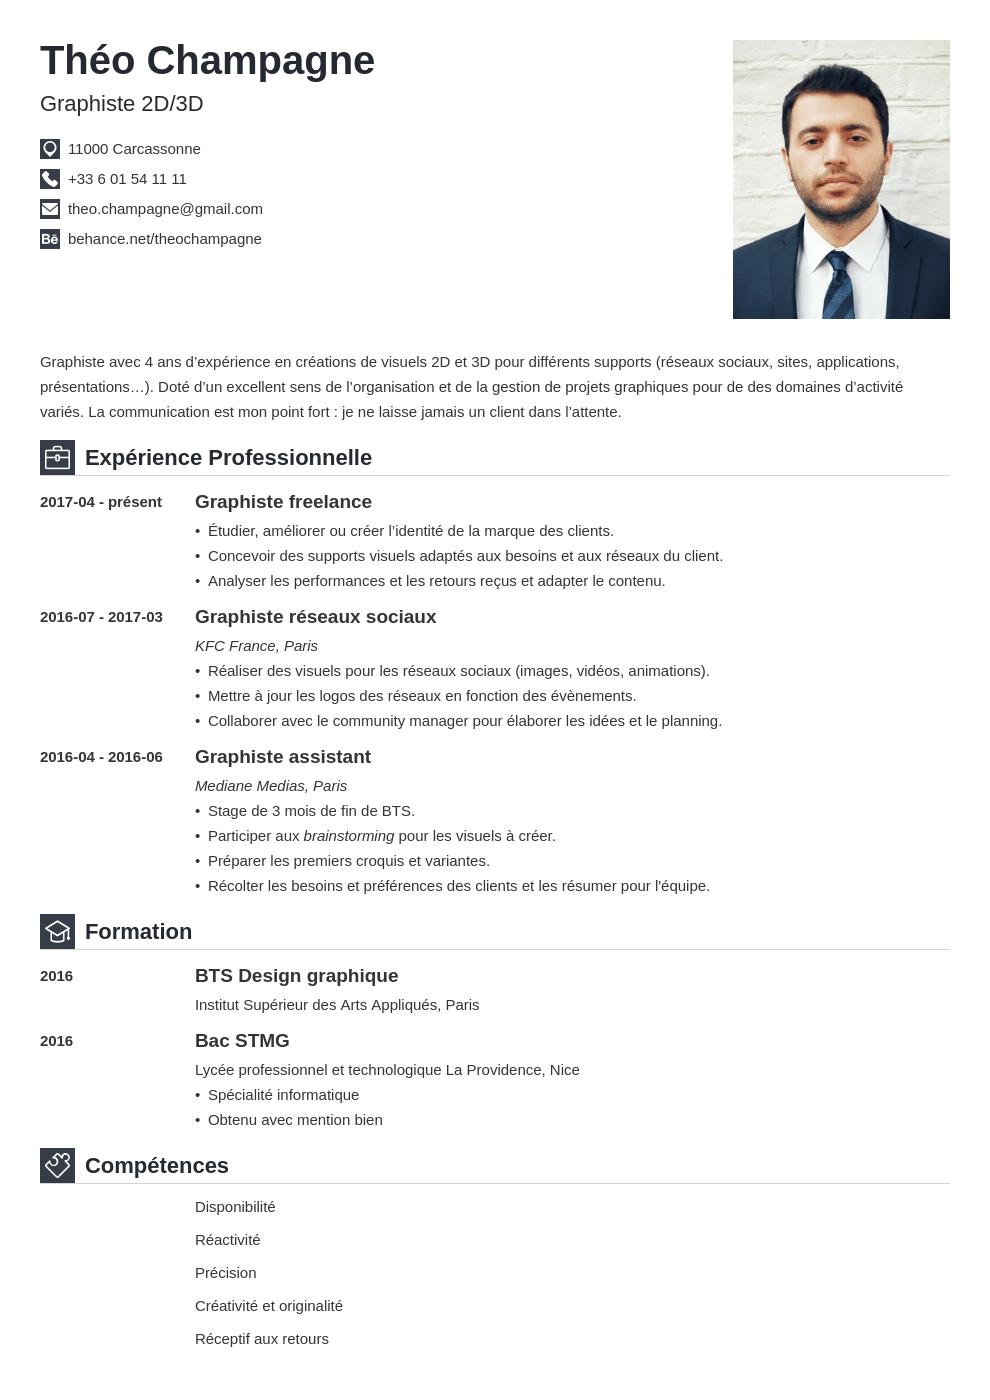 99 Exemples De Competences Pour Cv Professionnel En 2021